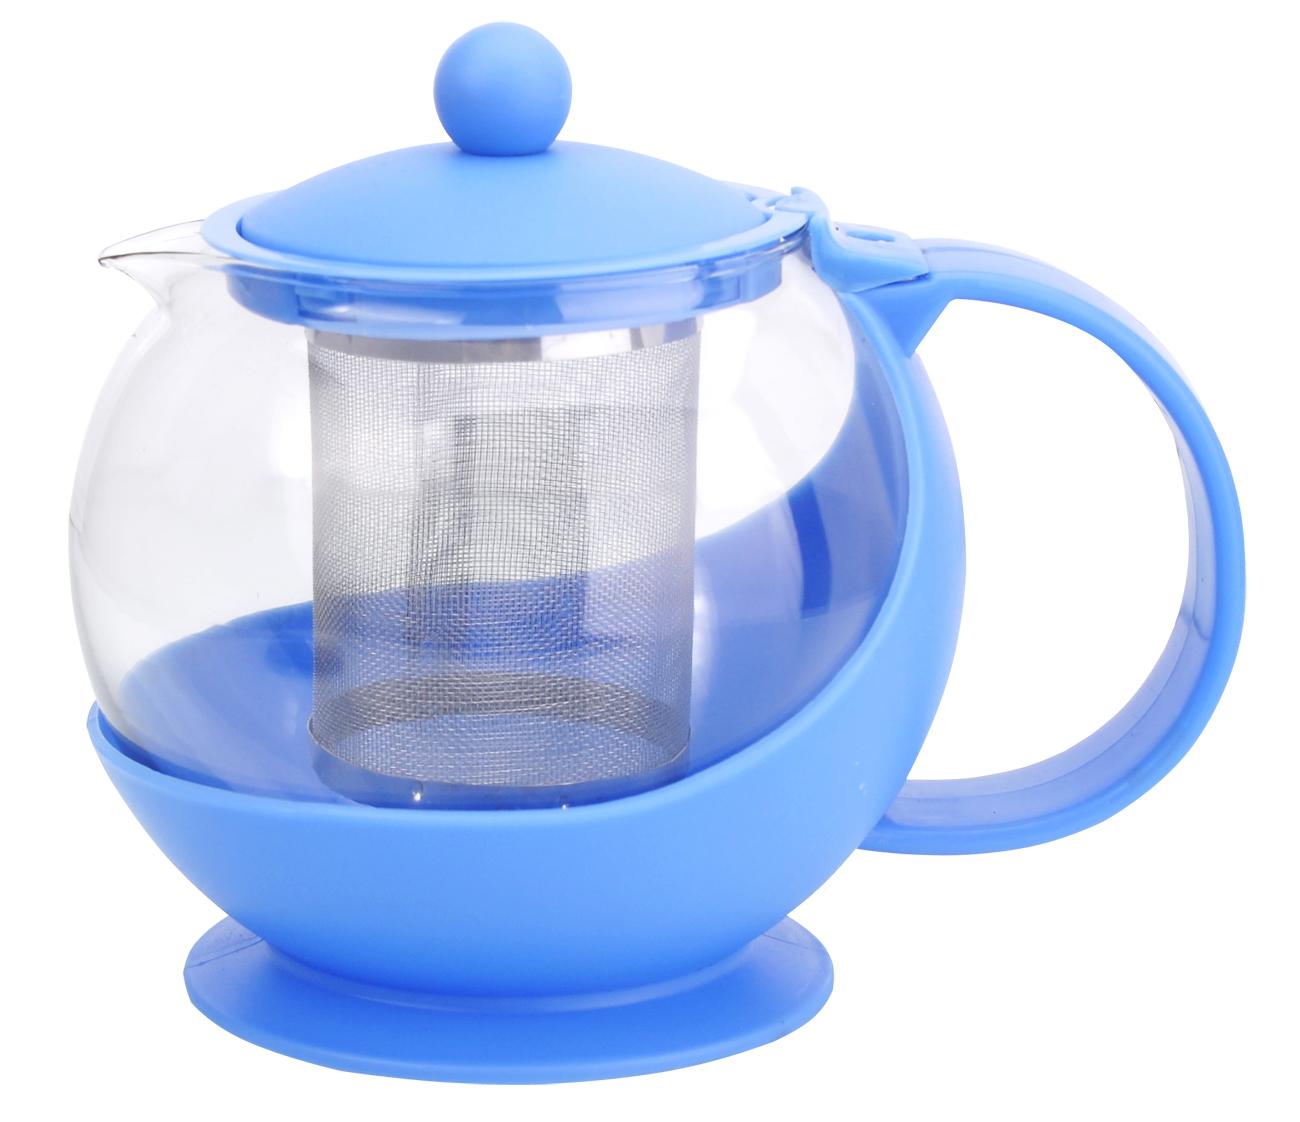 Чайник заварочный МФК-профит, с фильтром, цвет: голубой, 750 млA108Заварочный чайник МФК-профит предоставит вам все необходимые возможности для успешного заваривания чая. Он изготовлен из термостойкого стекла и оснащен крышкой и ручкой из пластика, также имеется вставка из нержавеющей стали. Чай в таком чайнике дольше остается горячим, а полезные и ароматические вещества полностью сохраняются в напитке. Чайник оснащен фильтром, который выполнен из нержавеющей стали. Простой и удобный чайник поможет вам приготовить крепкий, ароматный чай. Нельзя мыть в посудомоечной машине. Не использовать в микроволновой печи.